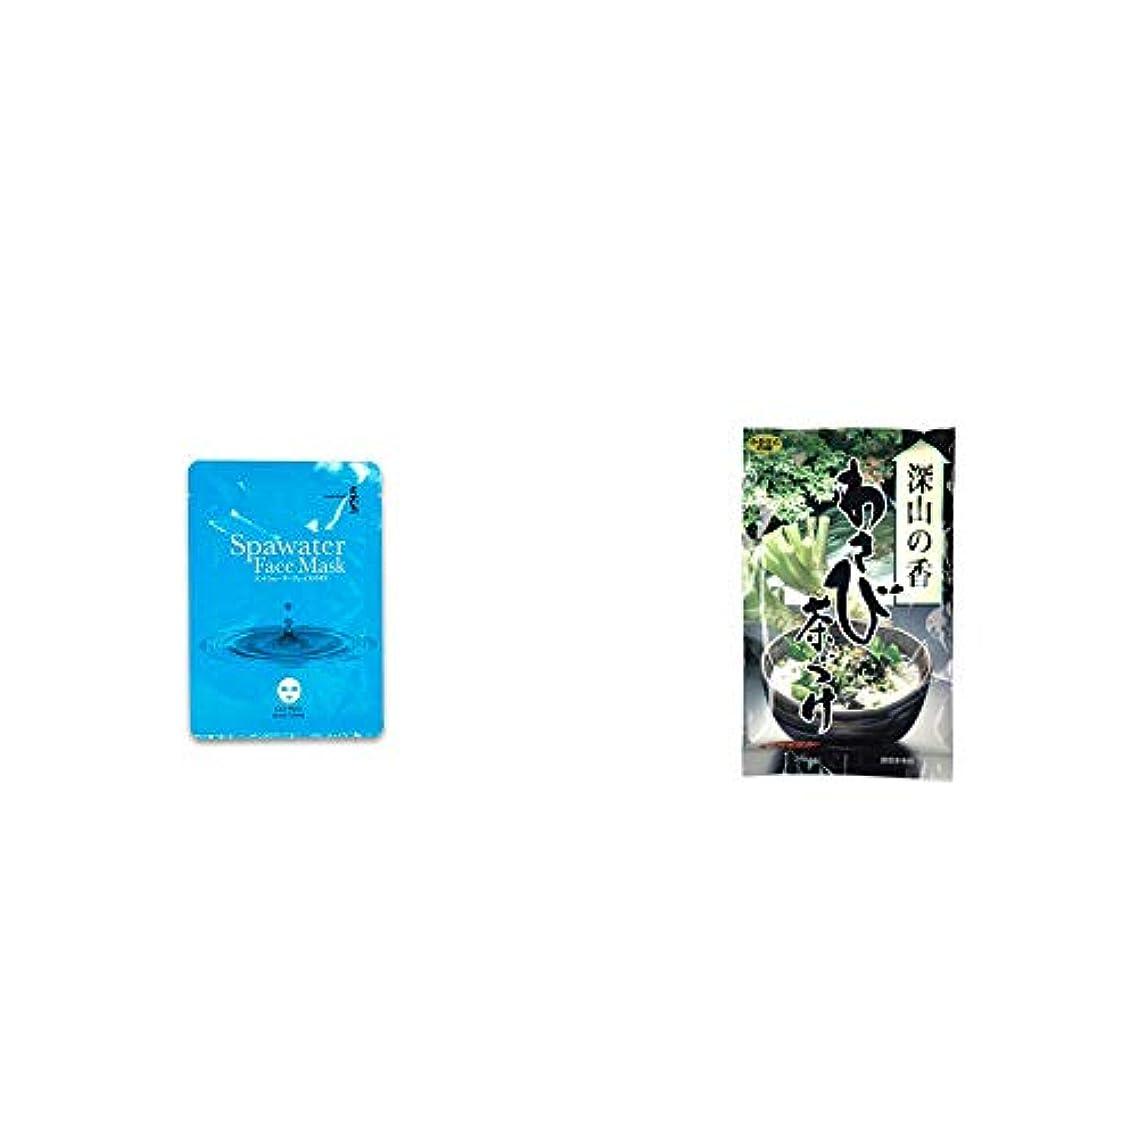 騒ぎメトロポリタン協力的[2点セット] ひのき炭黒泉 スパウォーターフェイスマスク(18ml×3枚入)?特選茶漬け 深山の香 わさび茶づけ(10袋入)